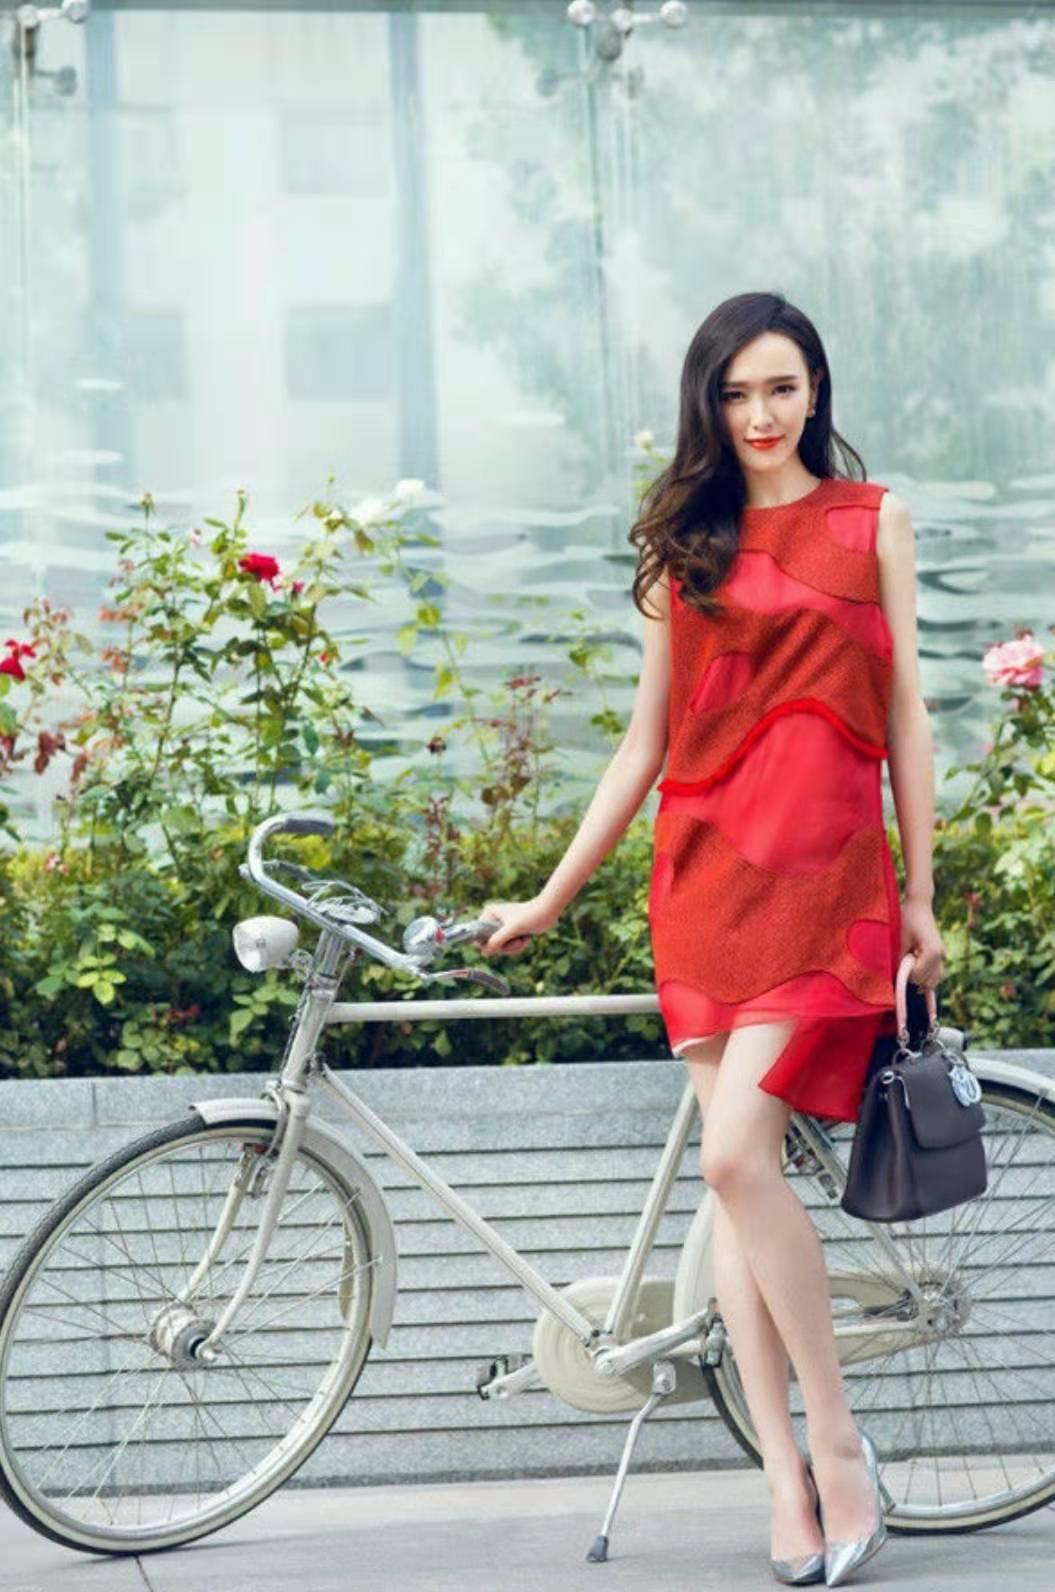 唐嫣红色连衣裙街拍_唐嫣街拍大气优雅迷人1.jpg